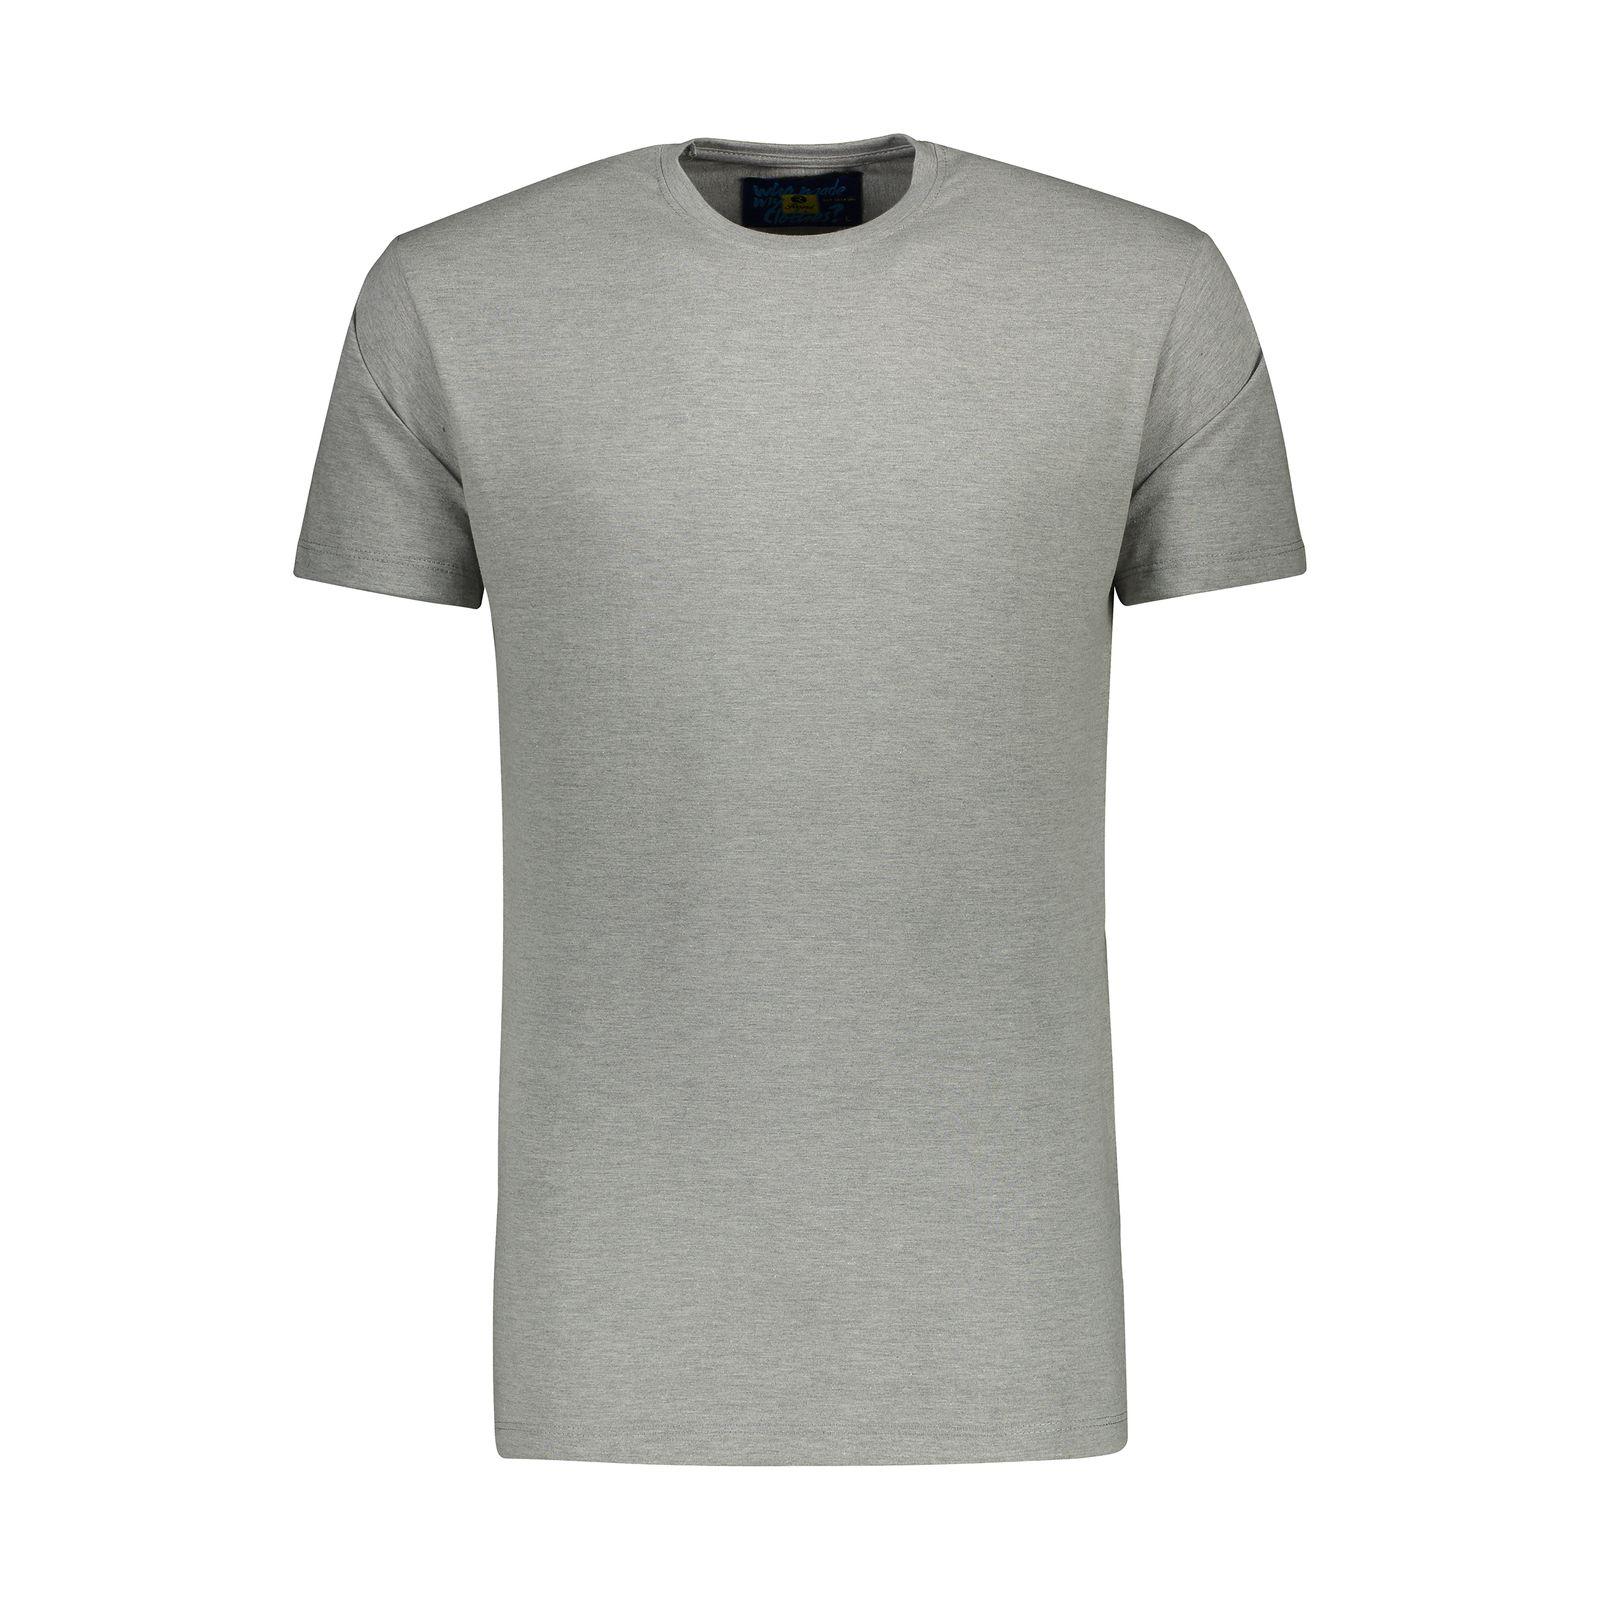 تیشرت مردانه رونی مدل 31110004-31 -  - 2